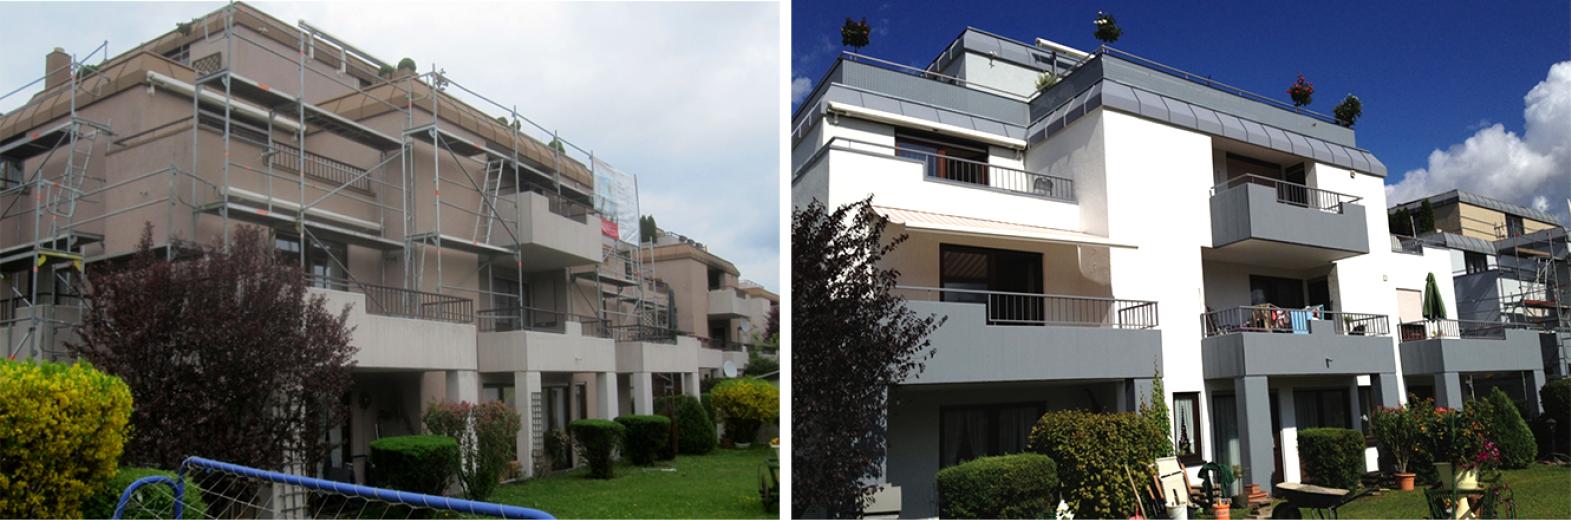 Flachdach- und Terrassensanierung mit neuer Fassade